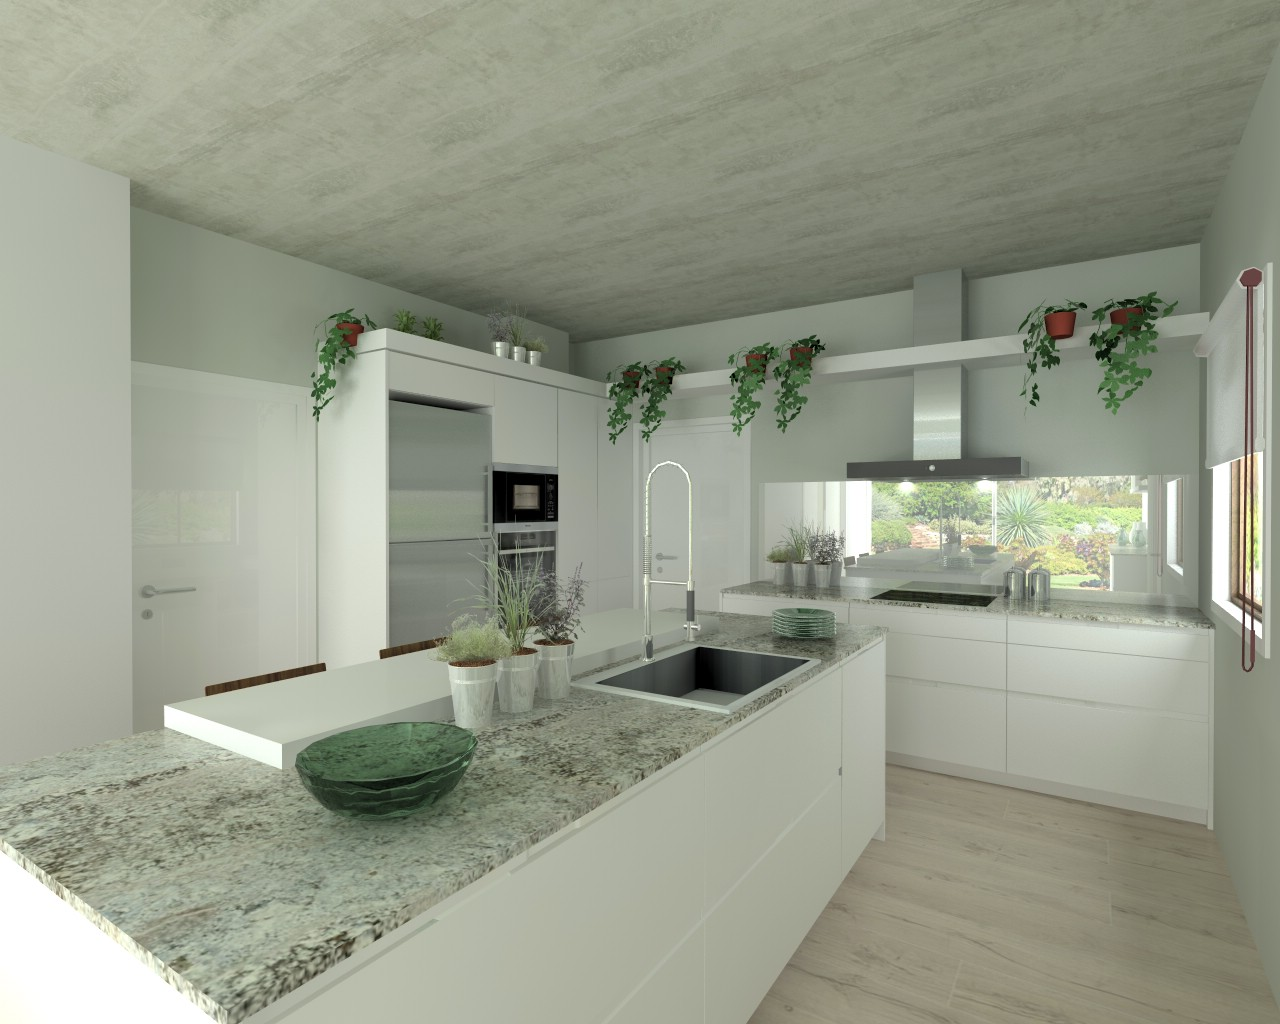 Cocina santos modelo intra l laminado blanco nieve for Encimera de granito gris